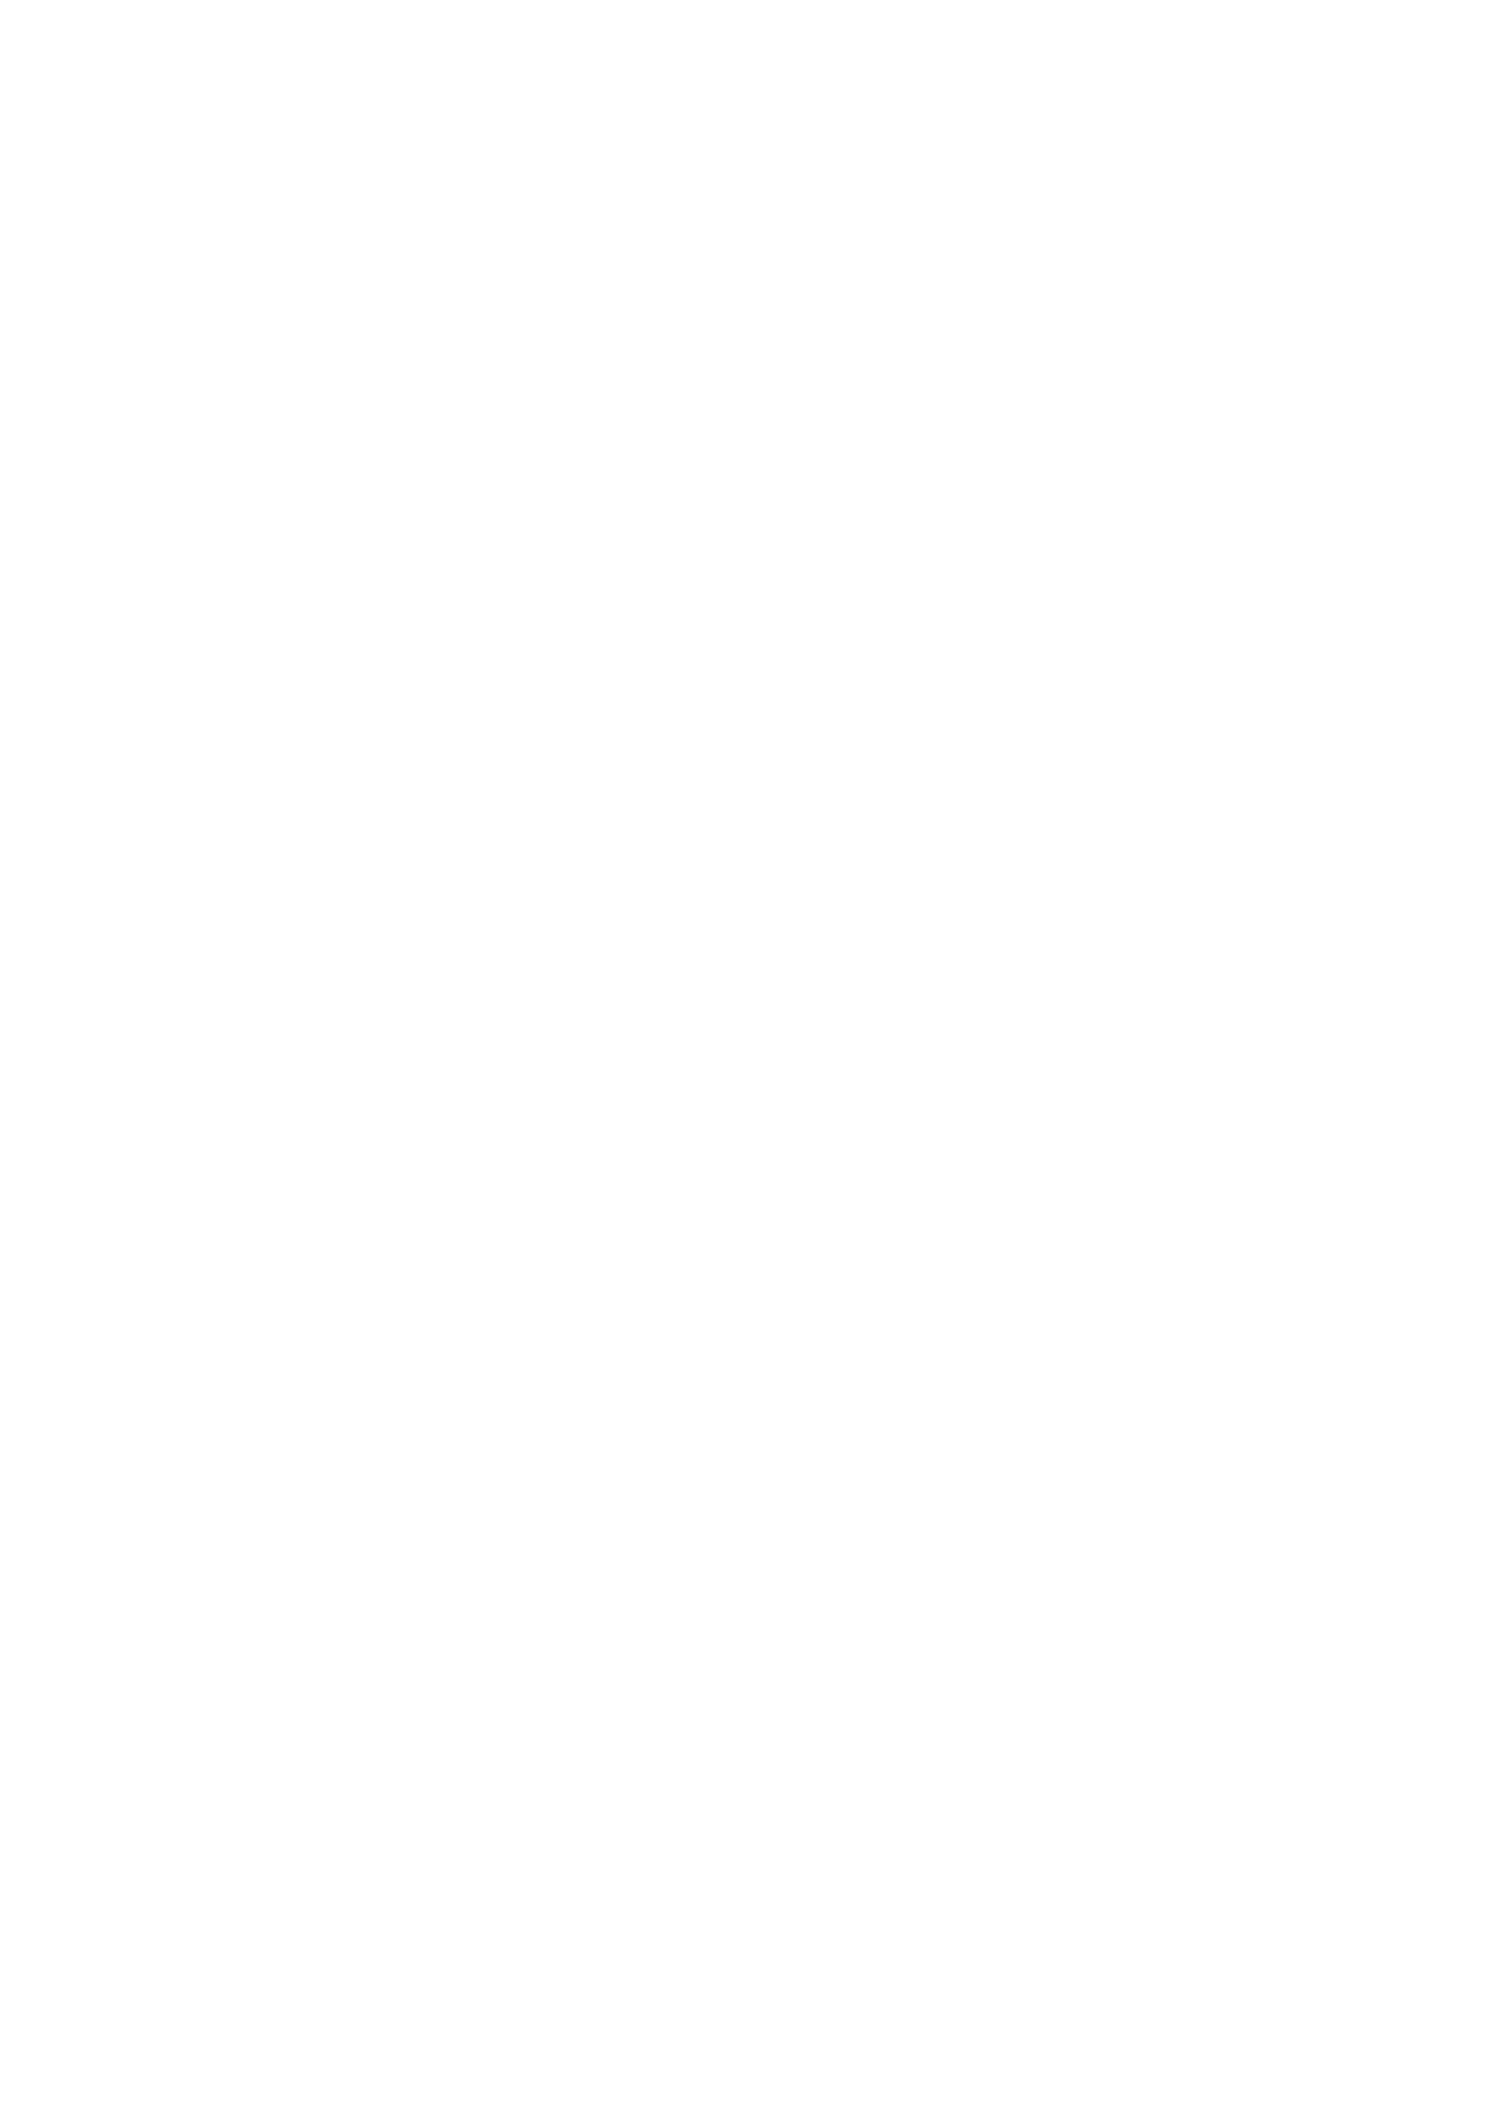 akterre-tierrafino-1-06.11.2012